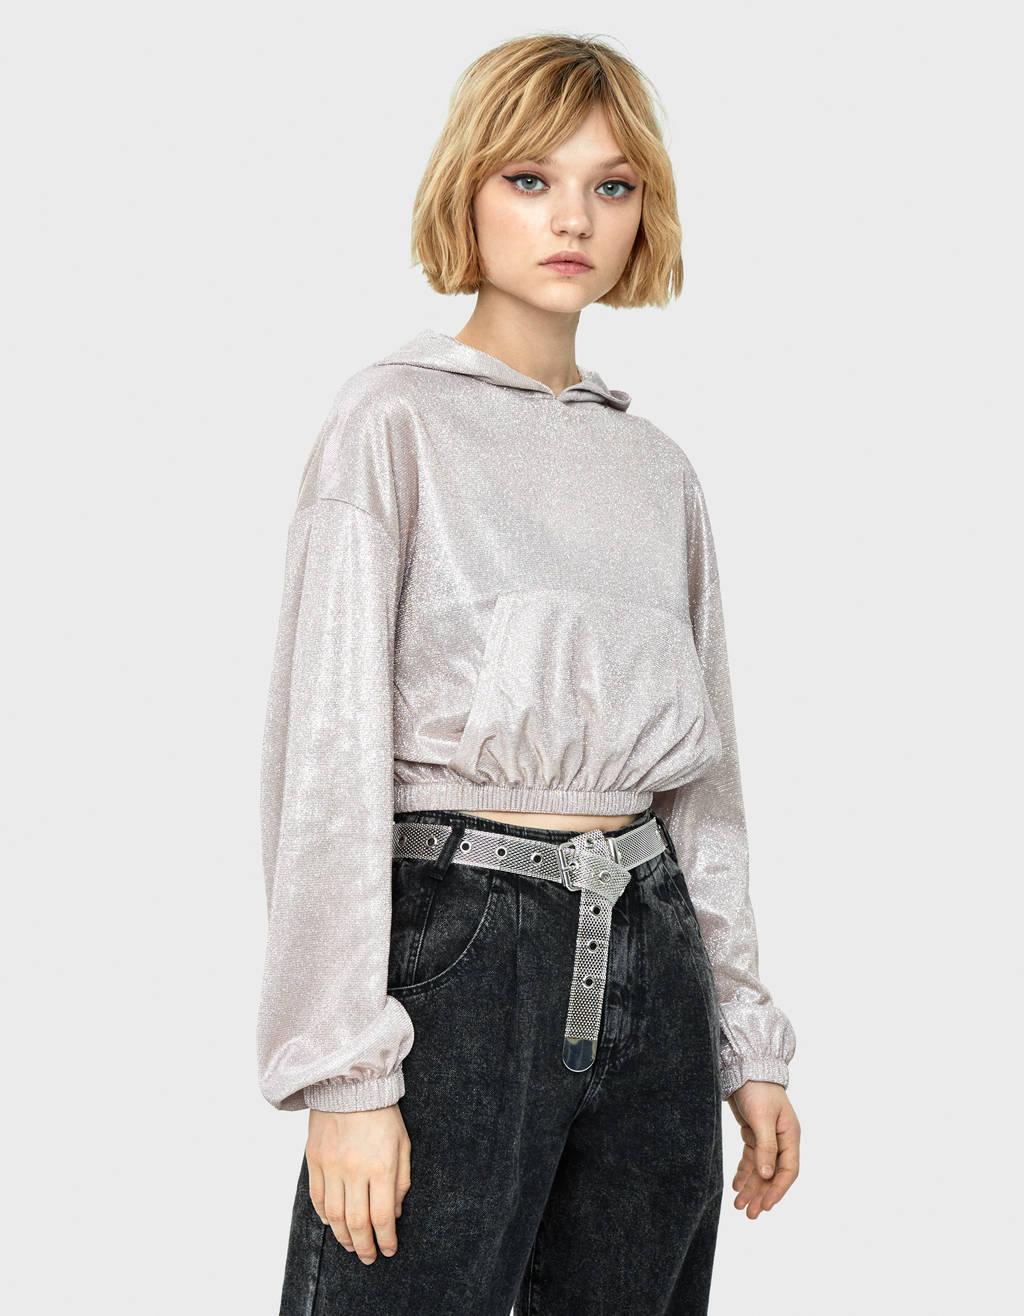 Sweatshirt com fio metalizado e capuz